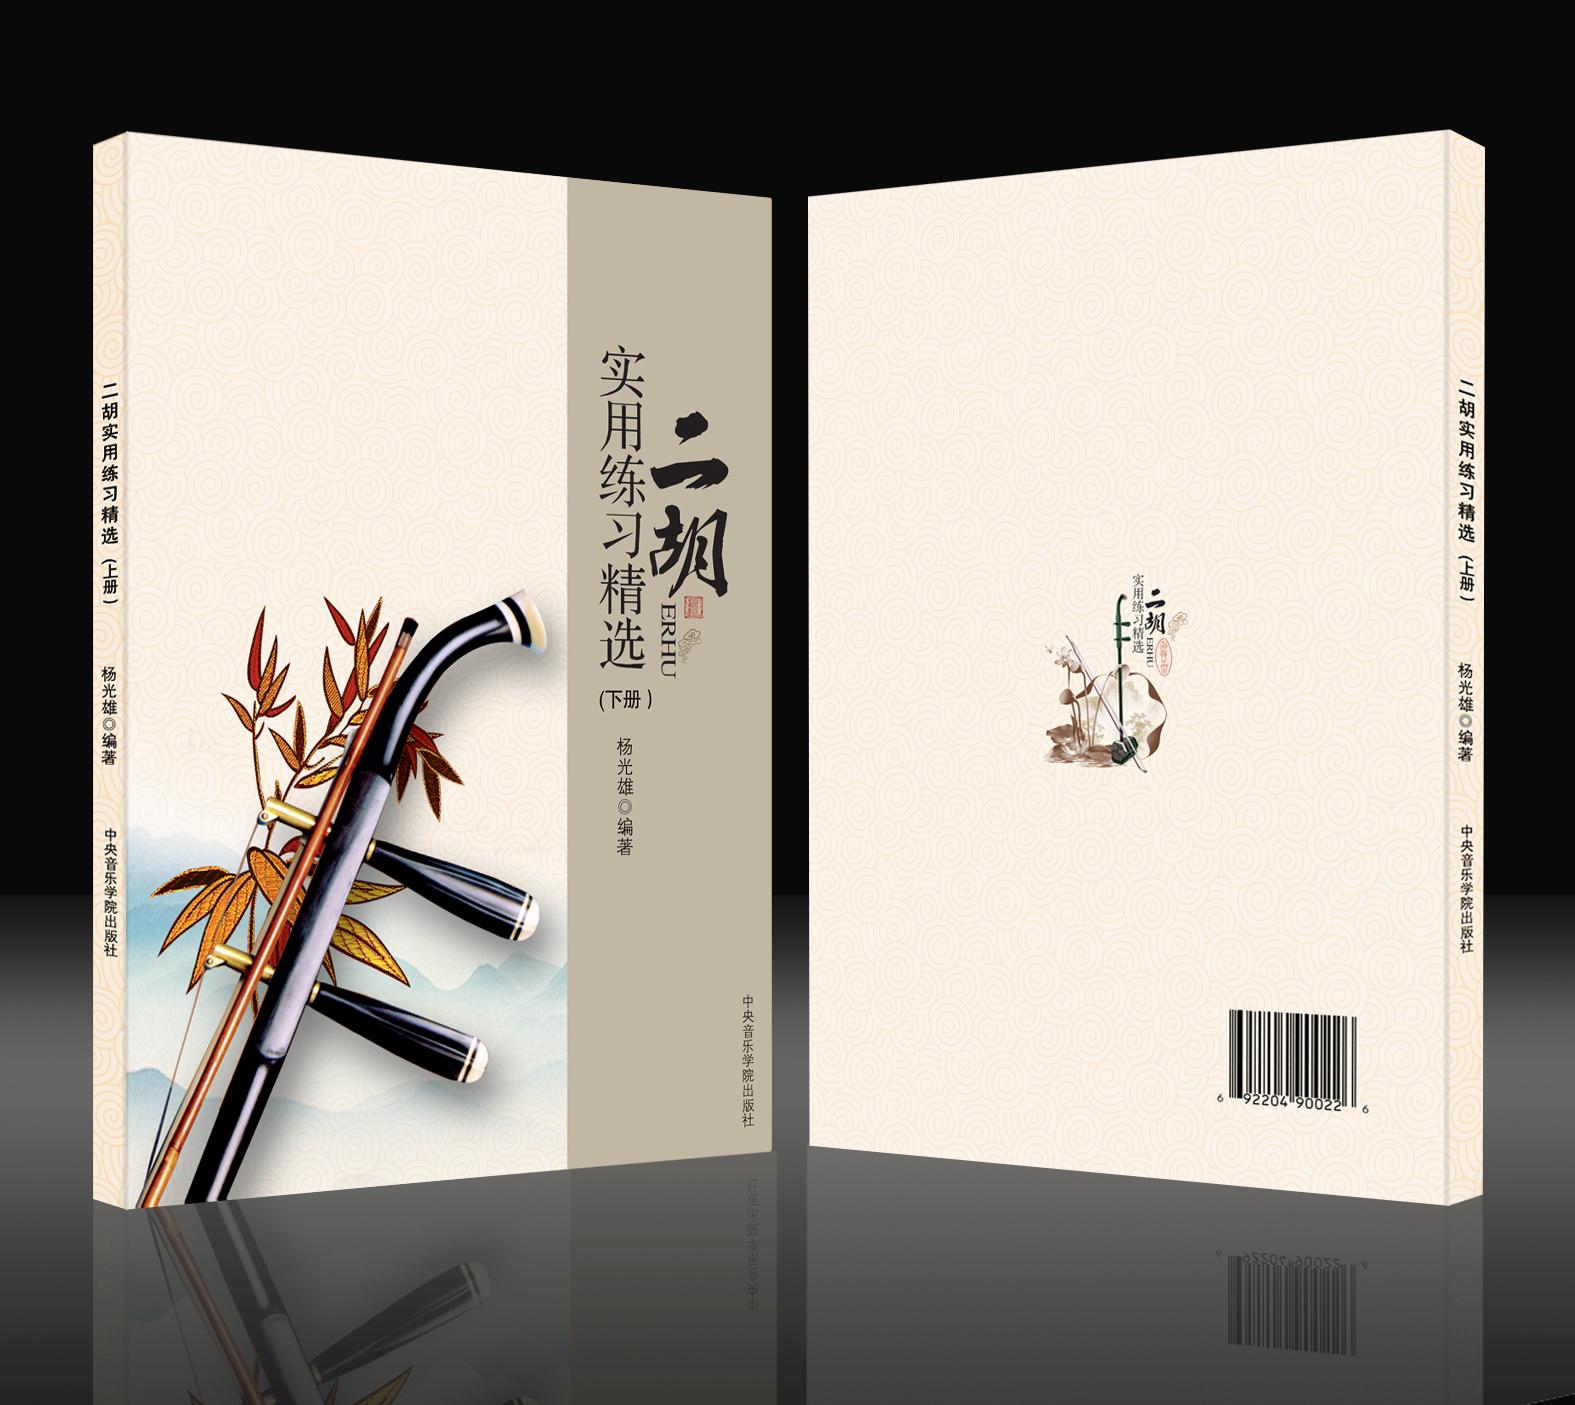 音乐图书封面设计